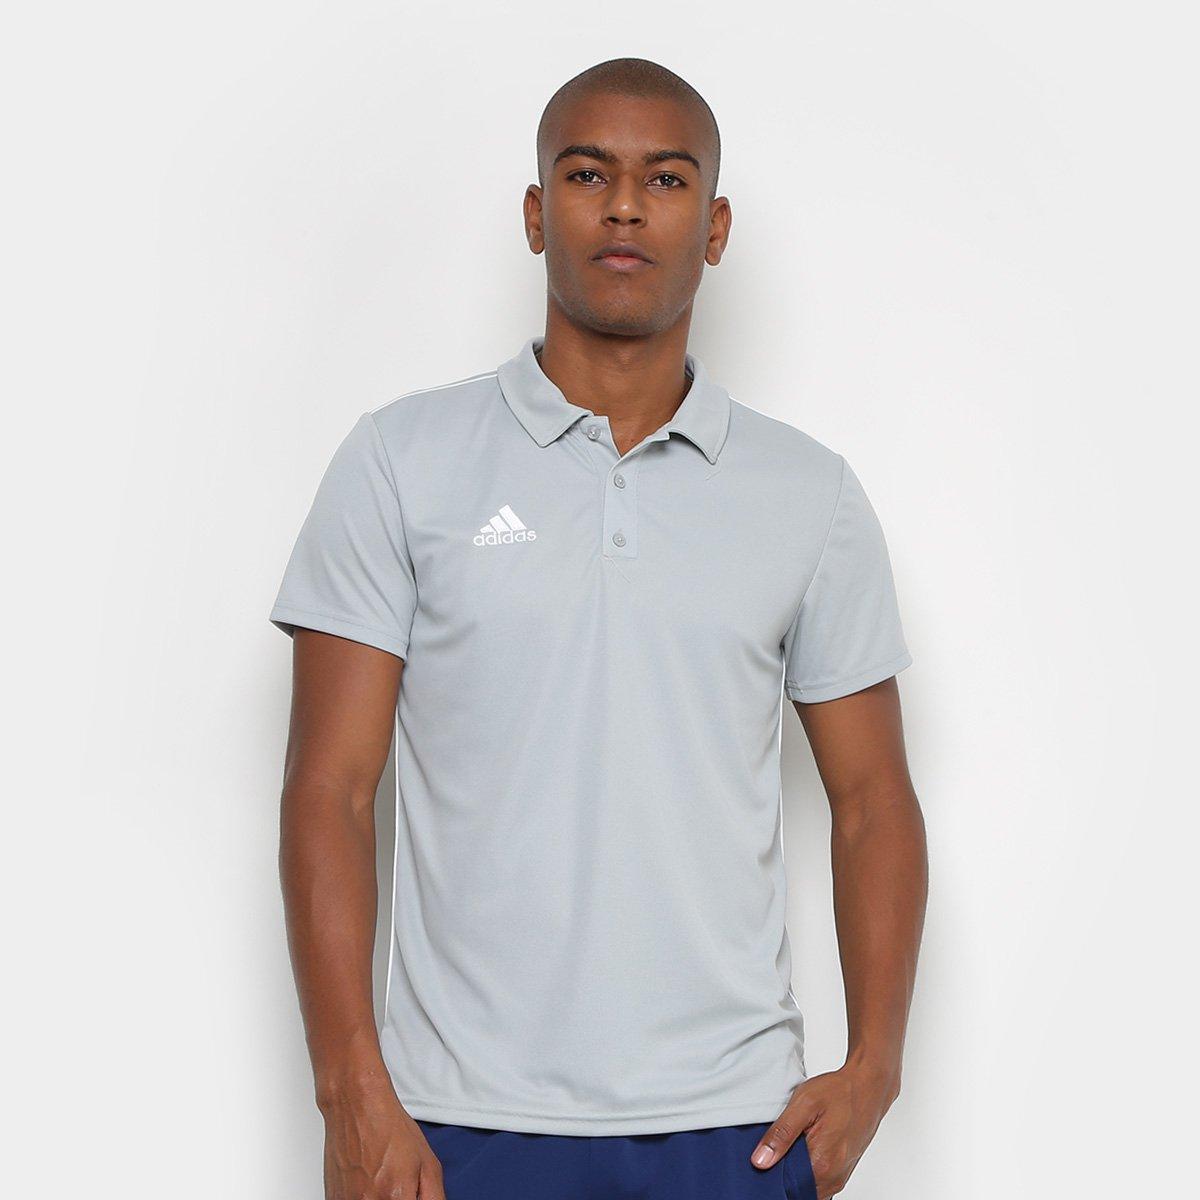 Camisas Polo Adidas com os melhores preços  eec7e22c4d17d